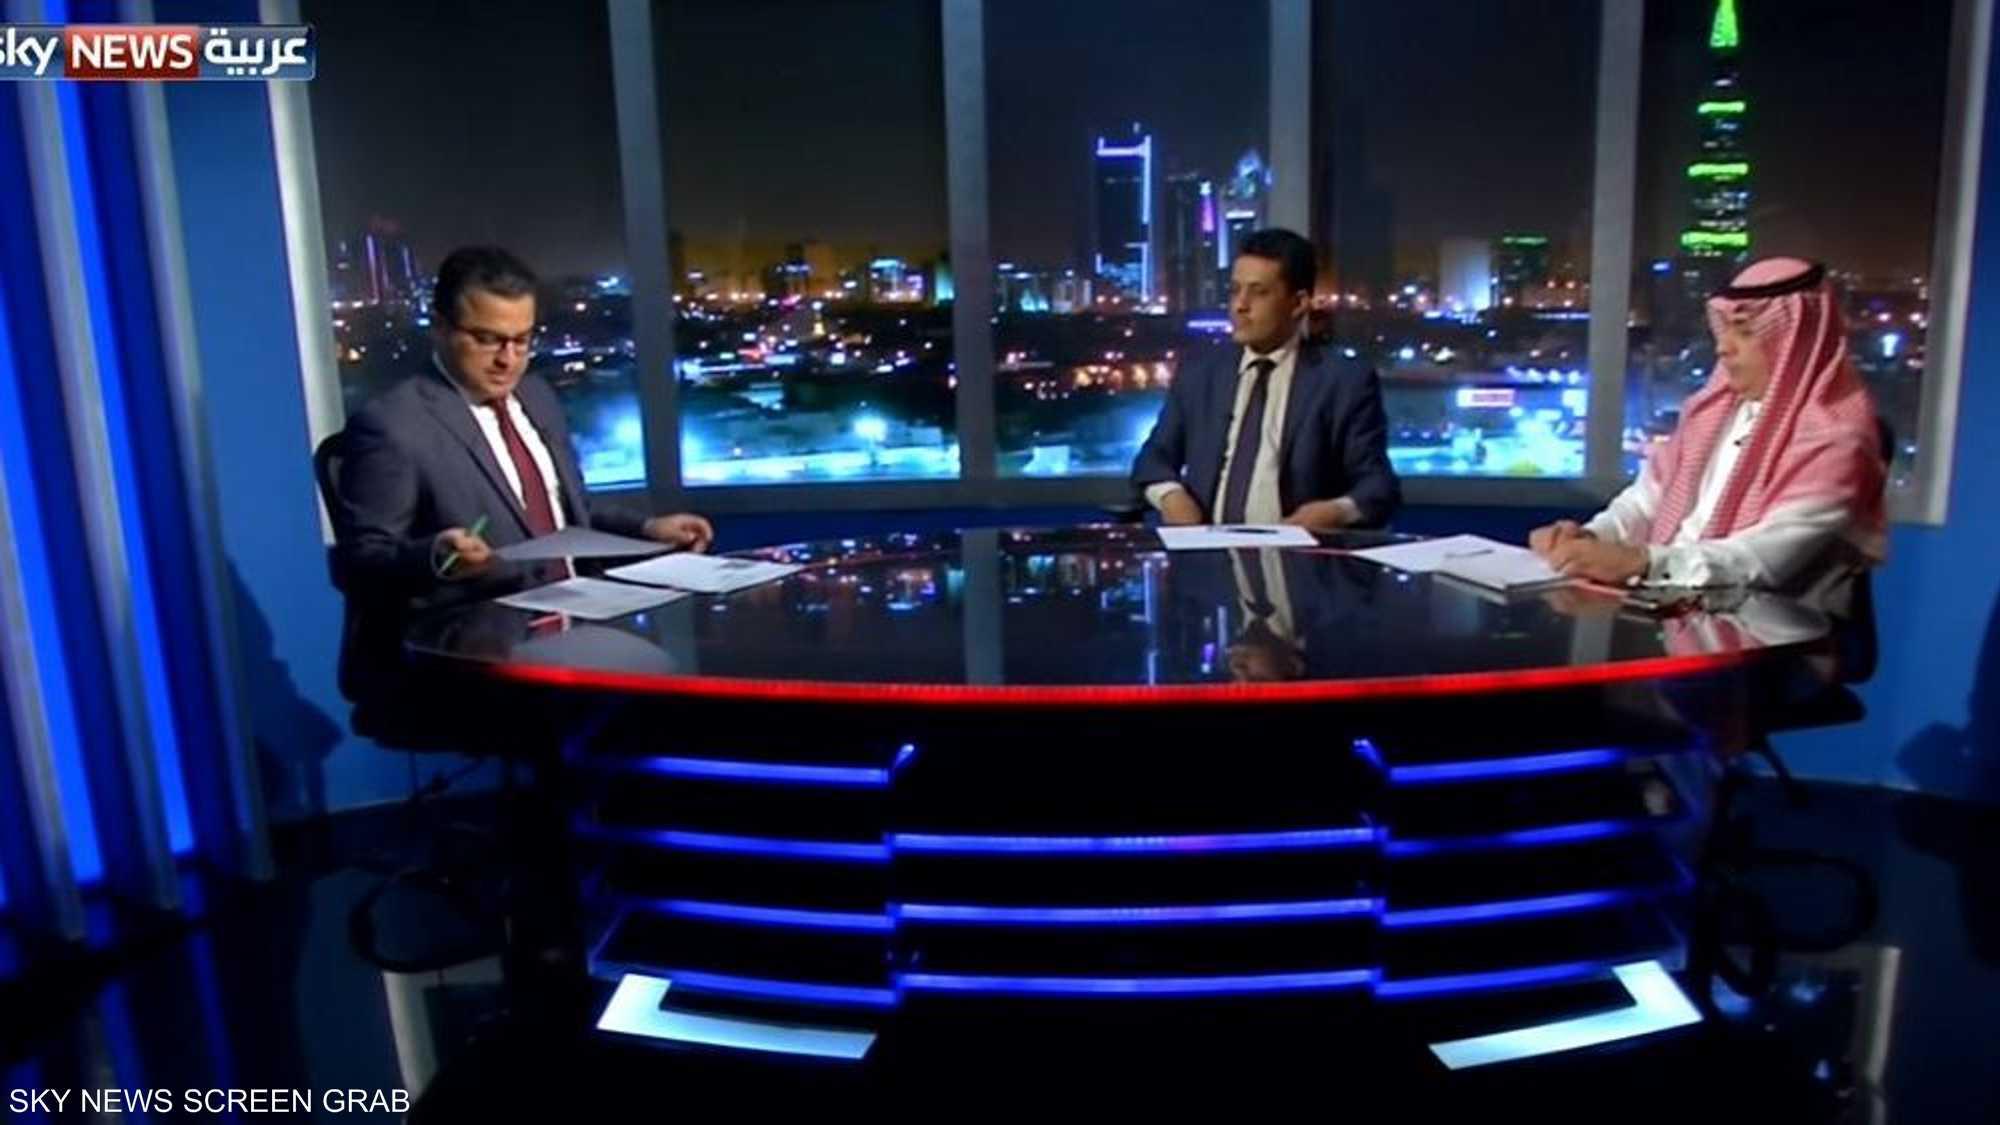 التحالف العربي يؤكد رفضه سياسة تجنيد الأطفال